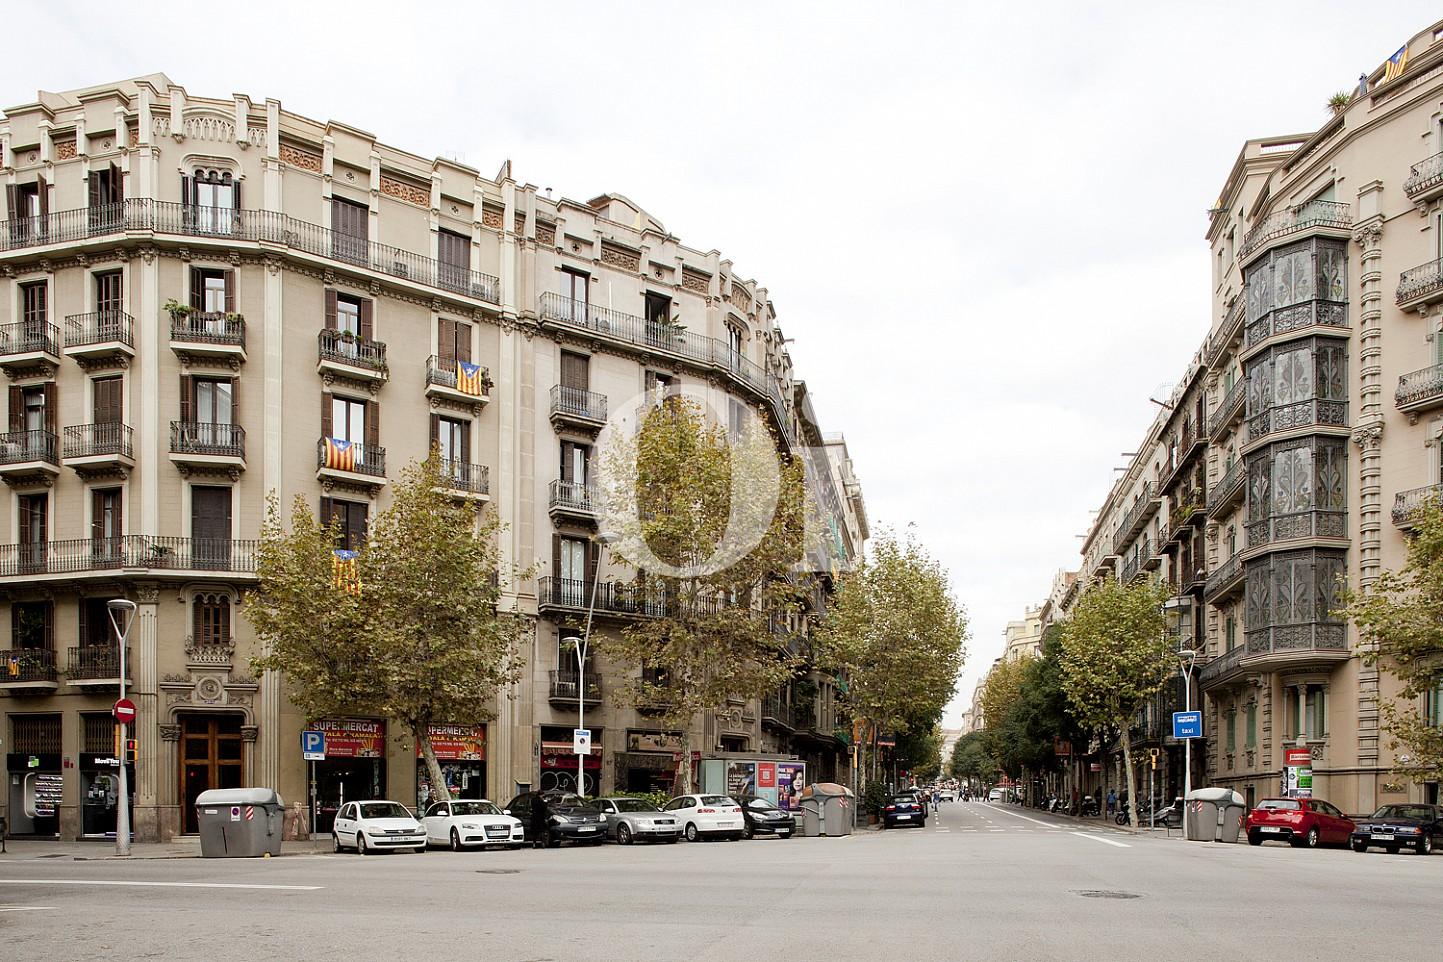 Alrededores de maravilloso piso en venta en el corazón del Eixample, Barcelona